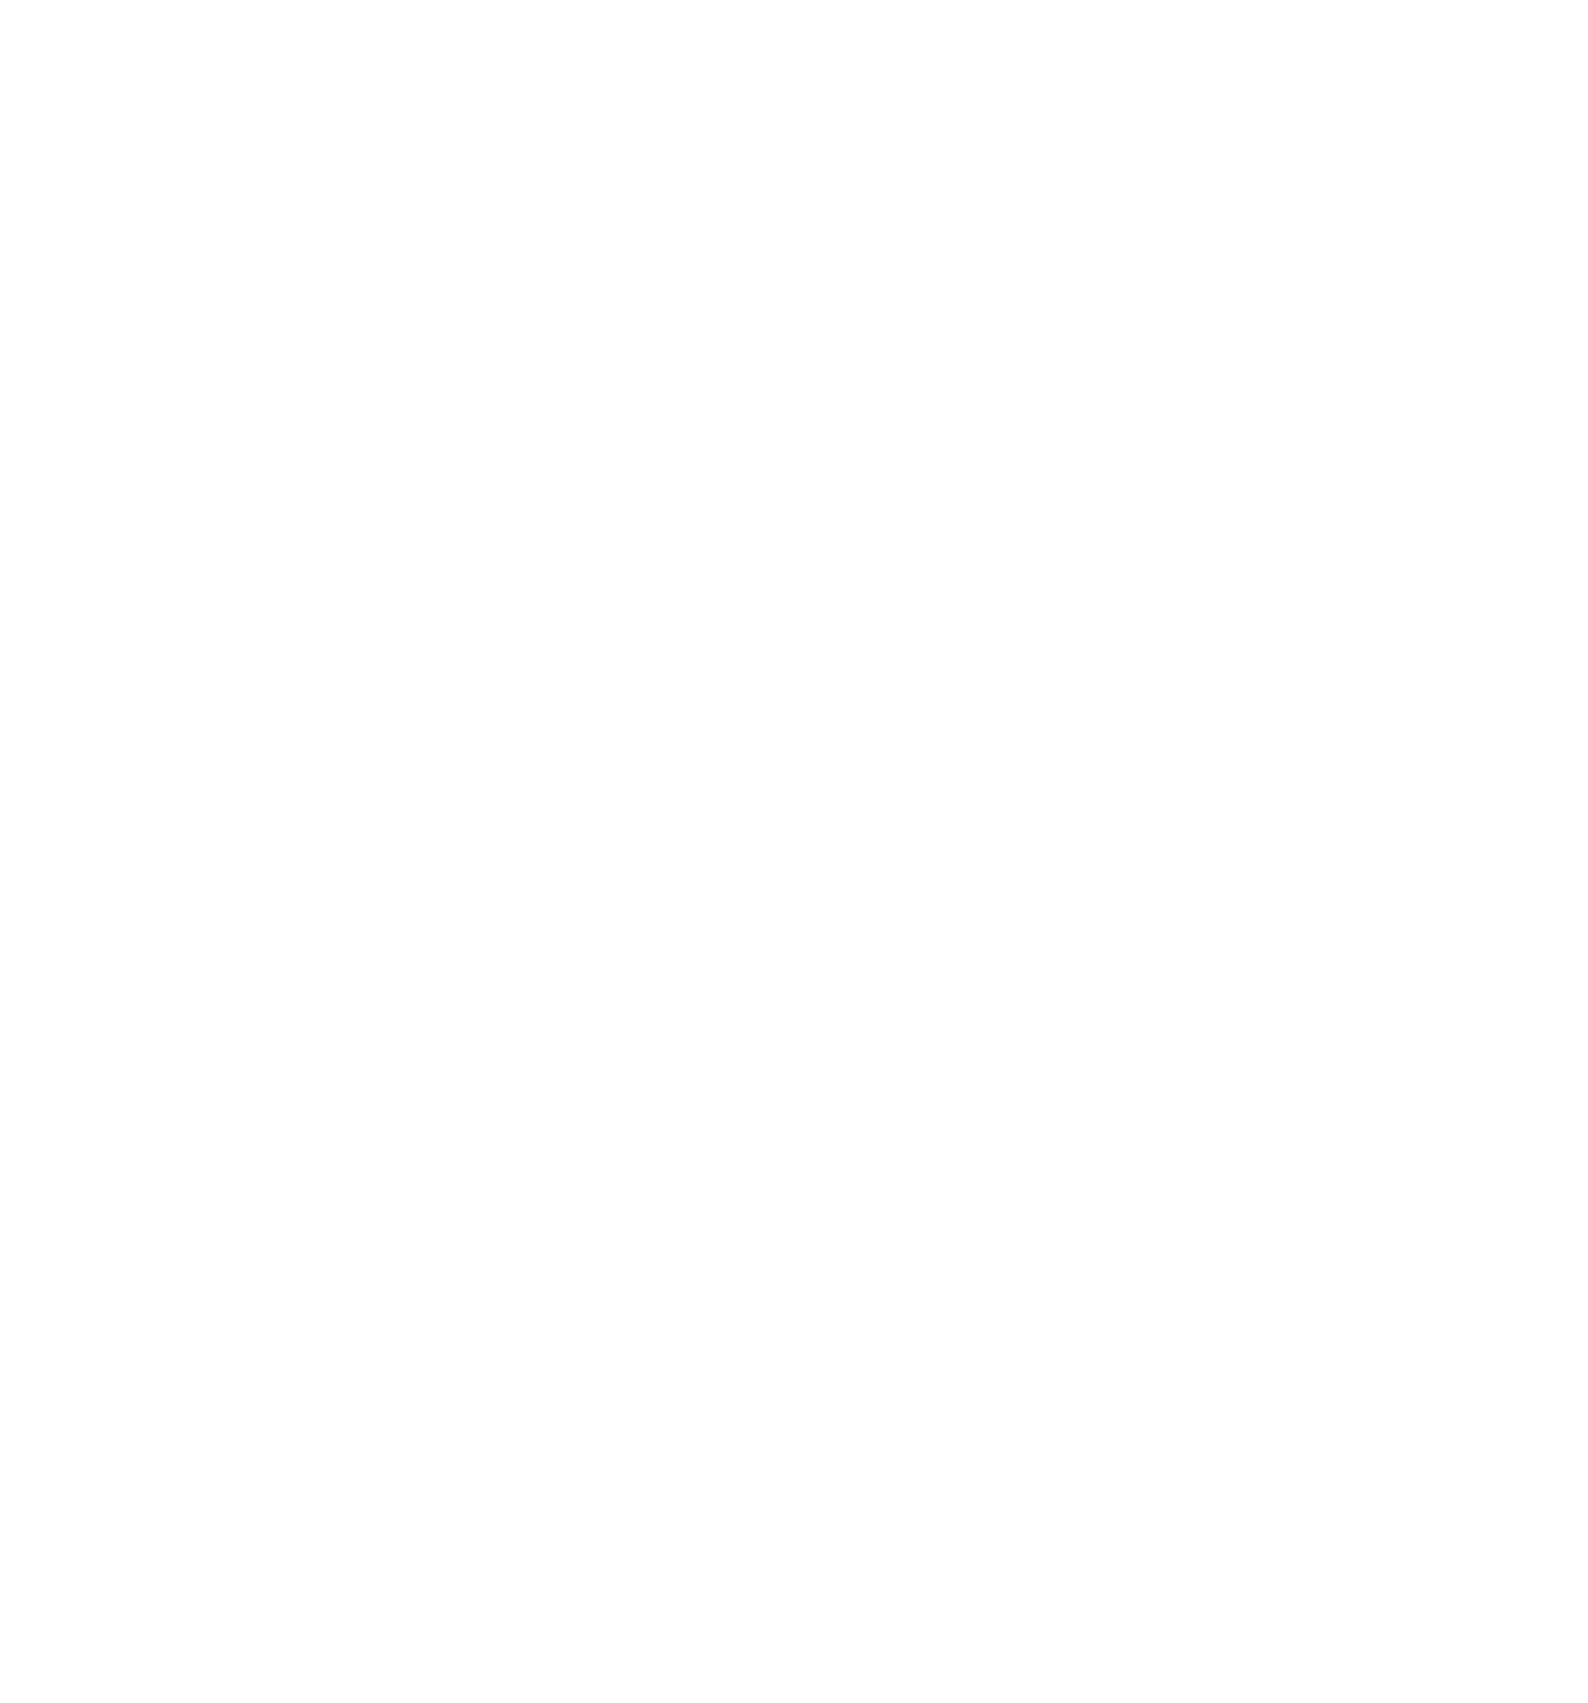 Чемпионат РФС по интерактивному футболу 2021